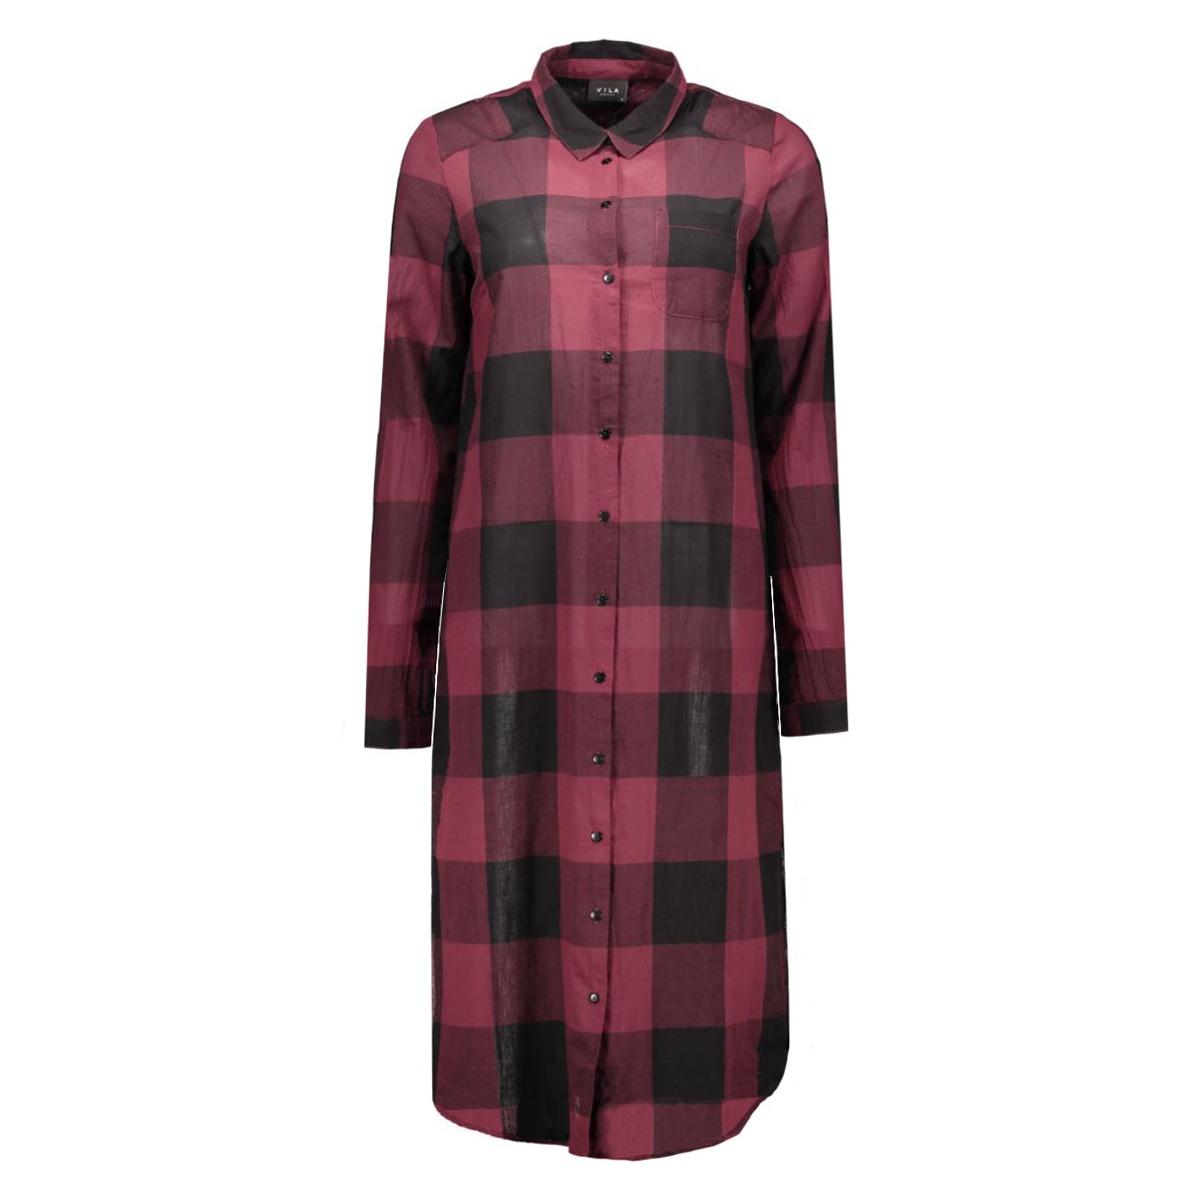 viseran long shirt 14036550 vila jurk tawny port